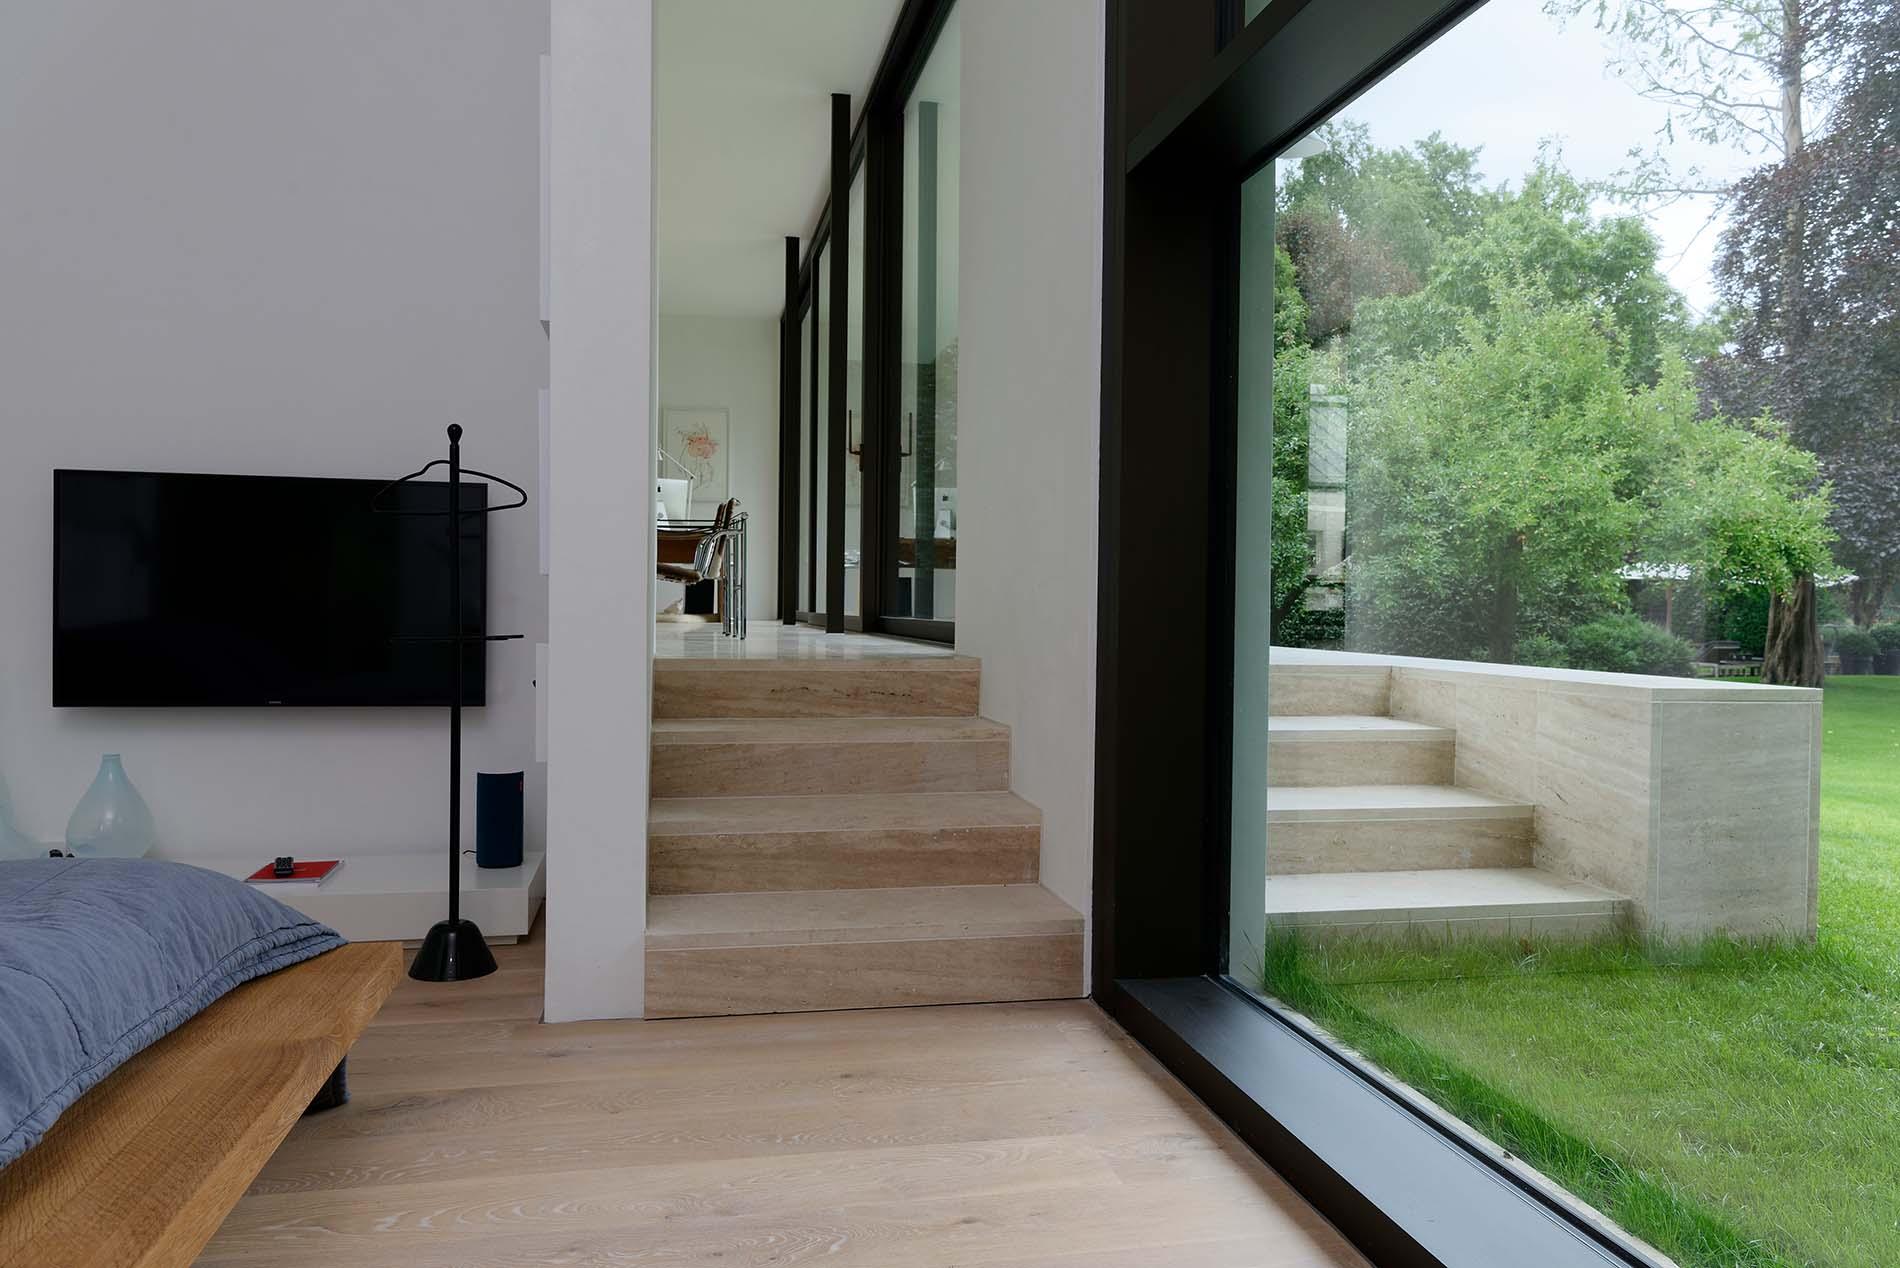 Treppenbeläge und Bodenplatten aus Bauhaus Travertin